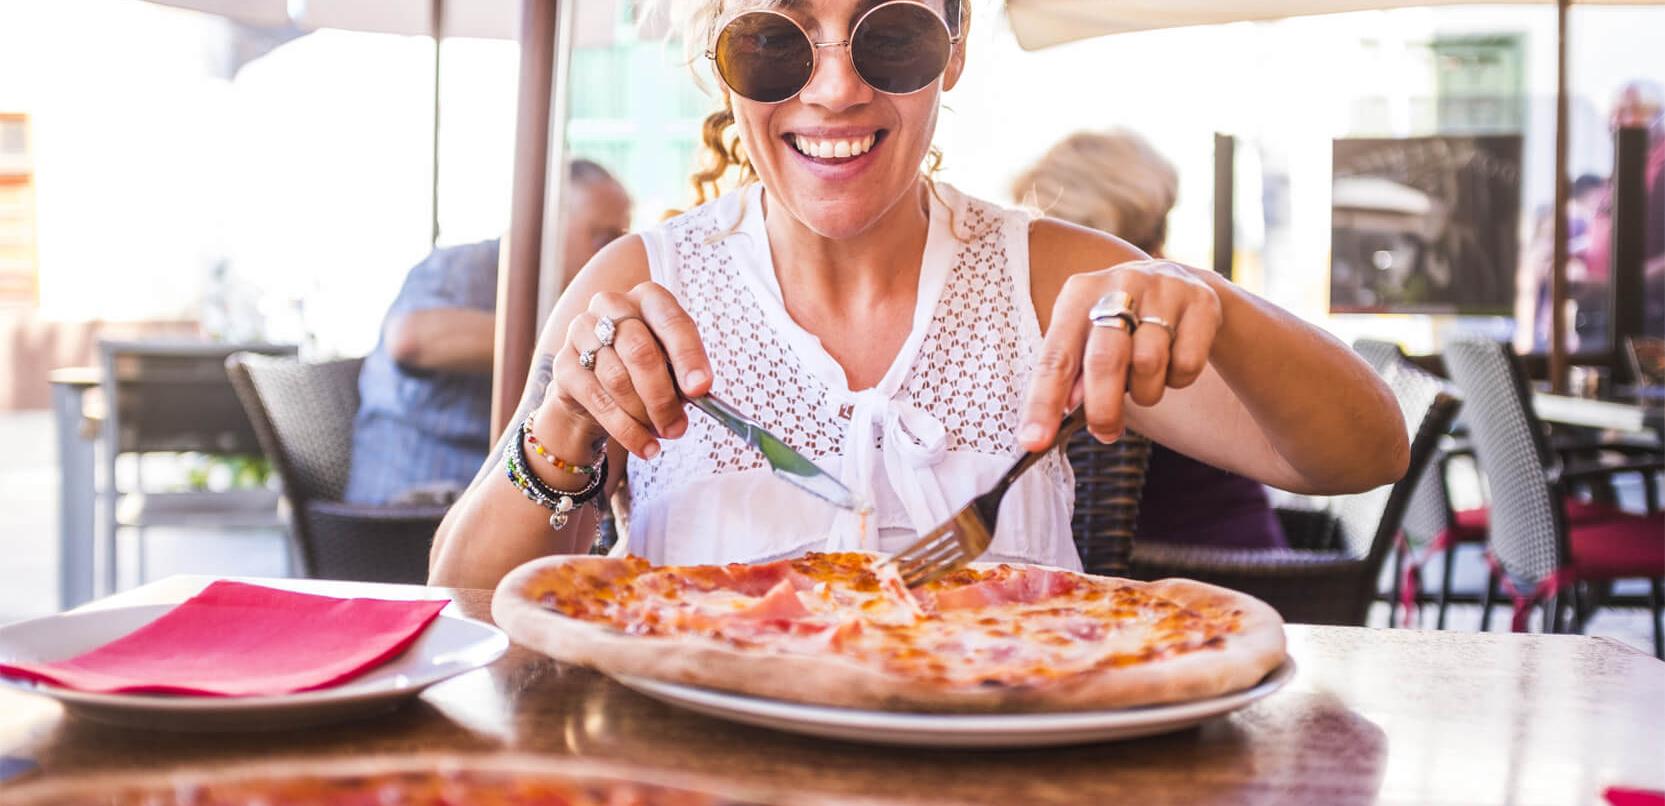 PIZZA È SINONIMO DI FELICITÀ